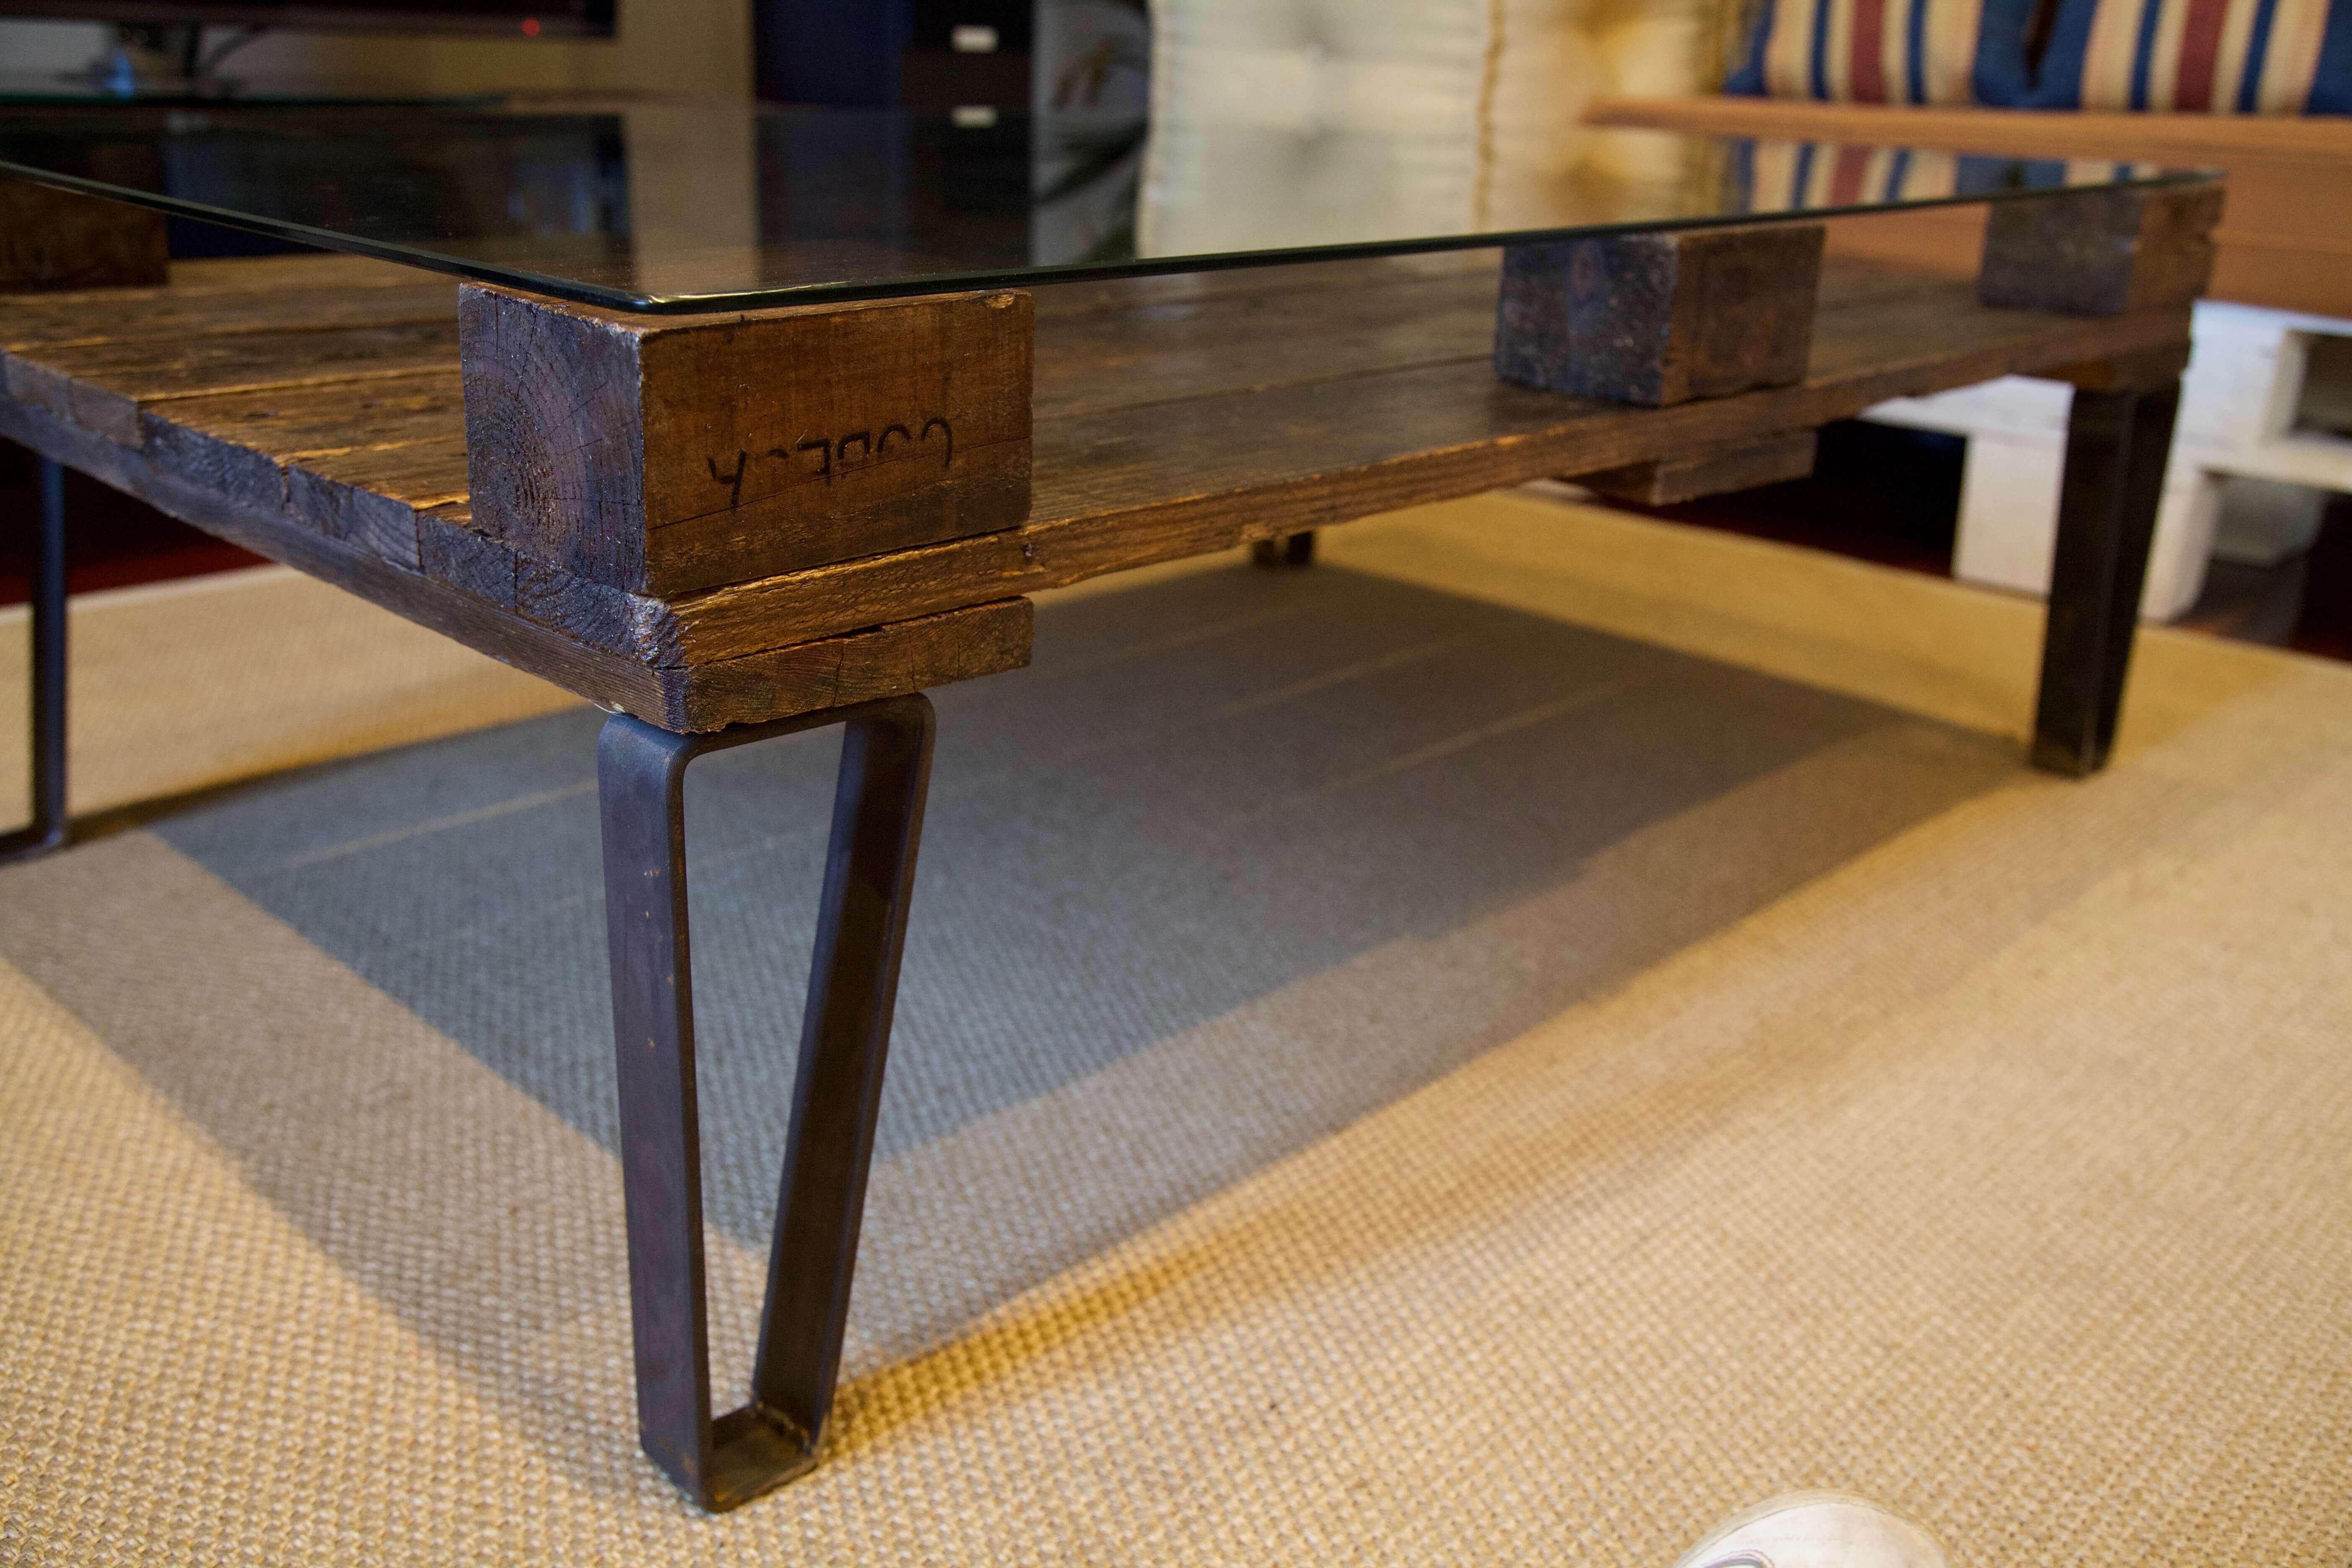 detalle pata de la mesa hecha con palets y patas de hierro